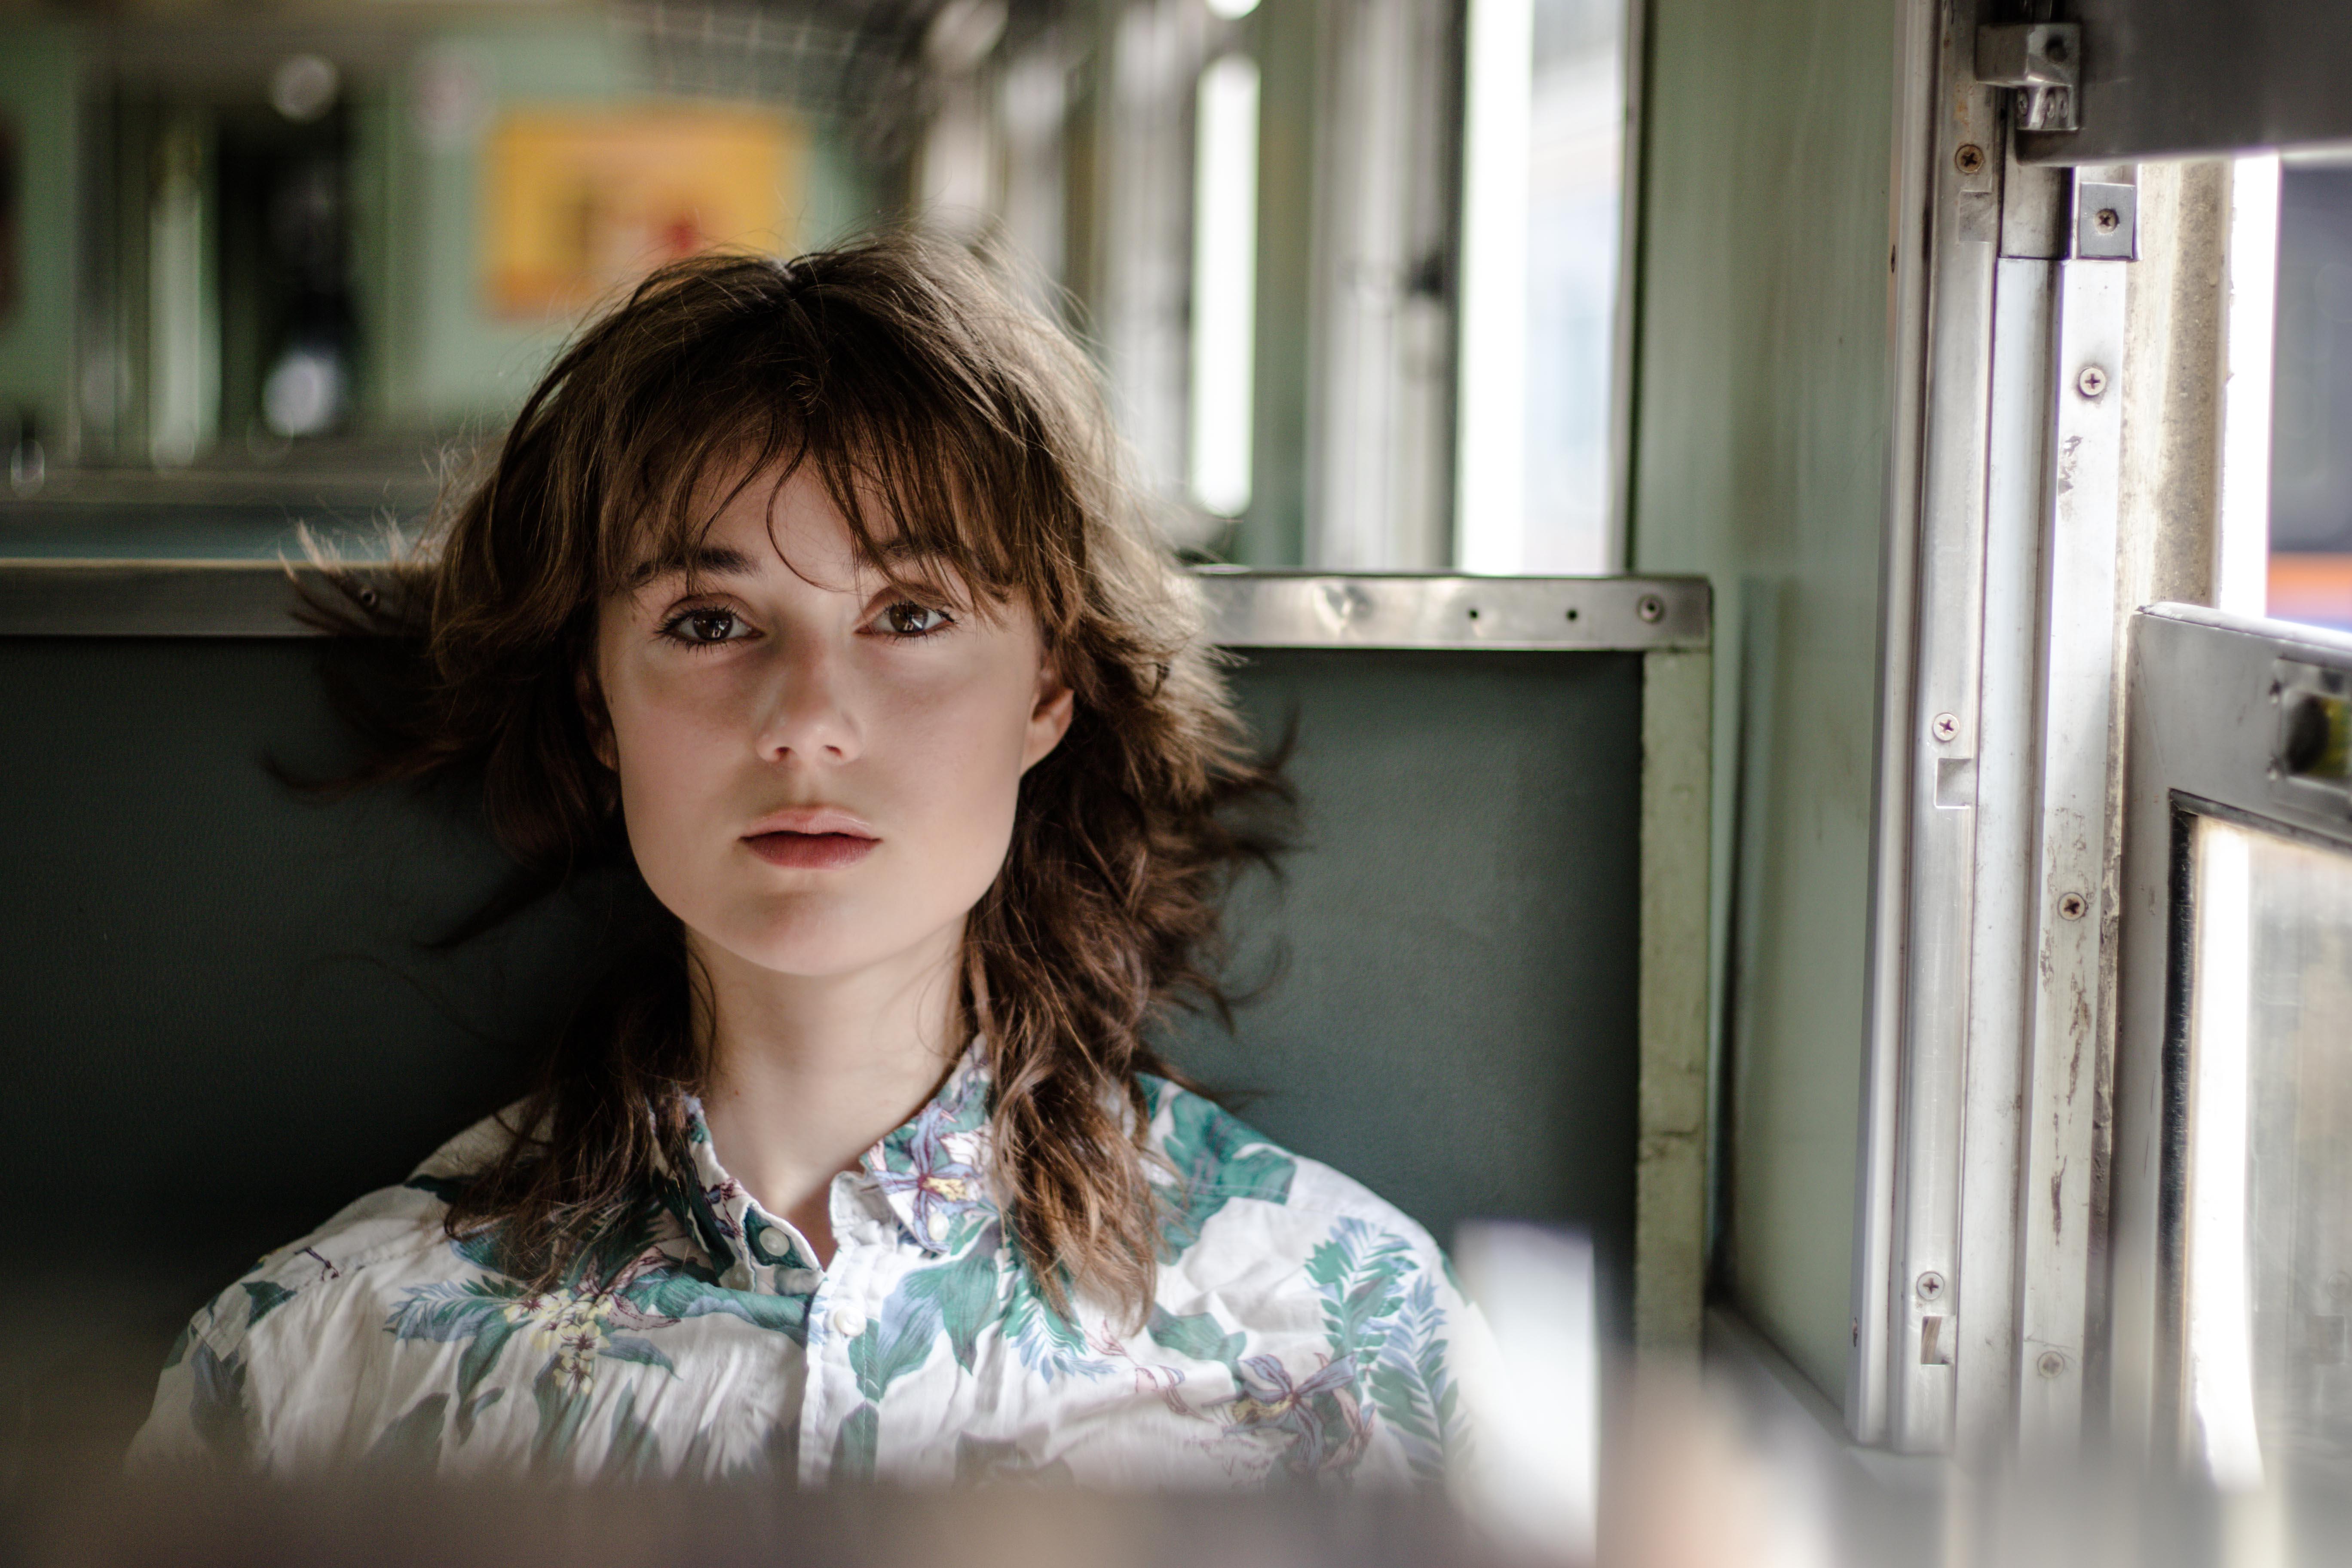 La fille du train.